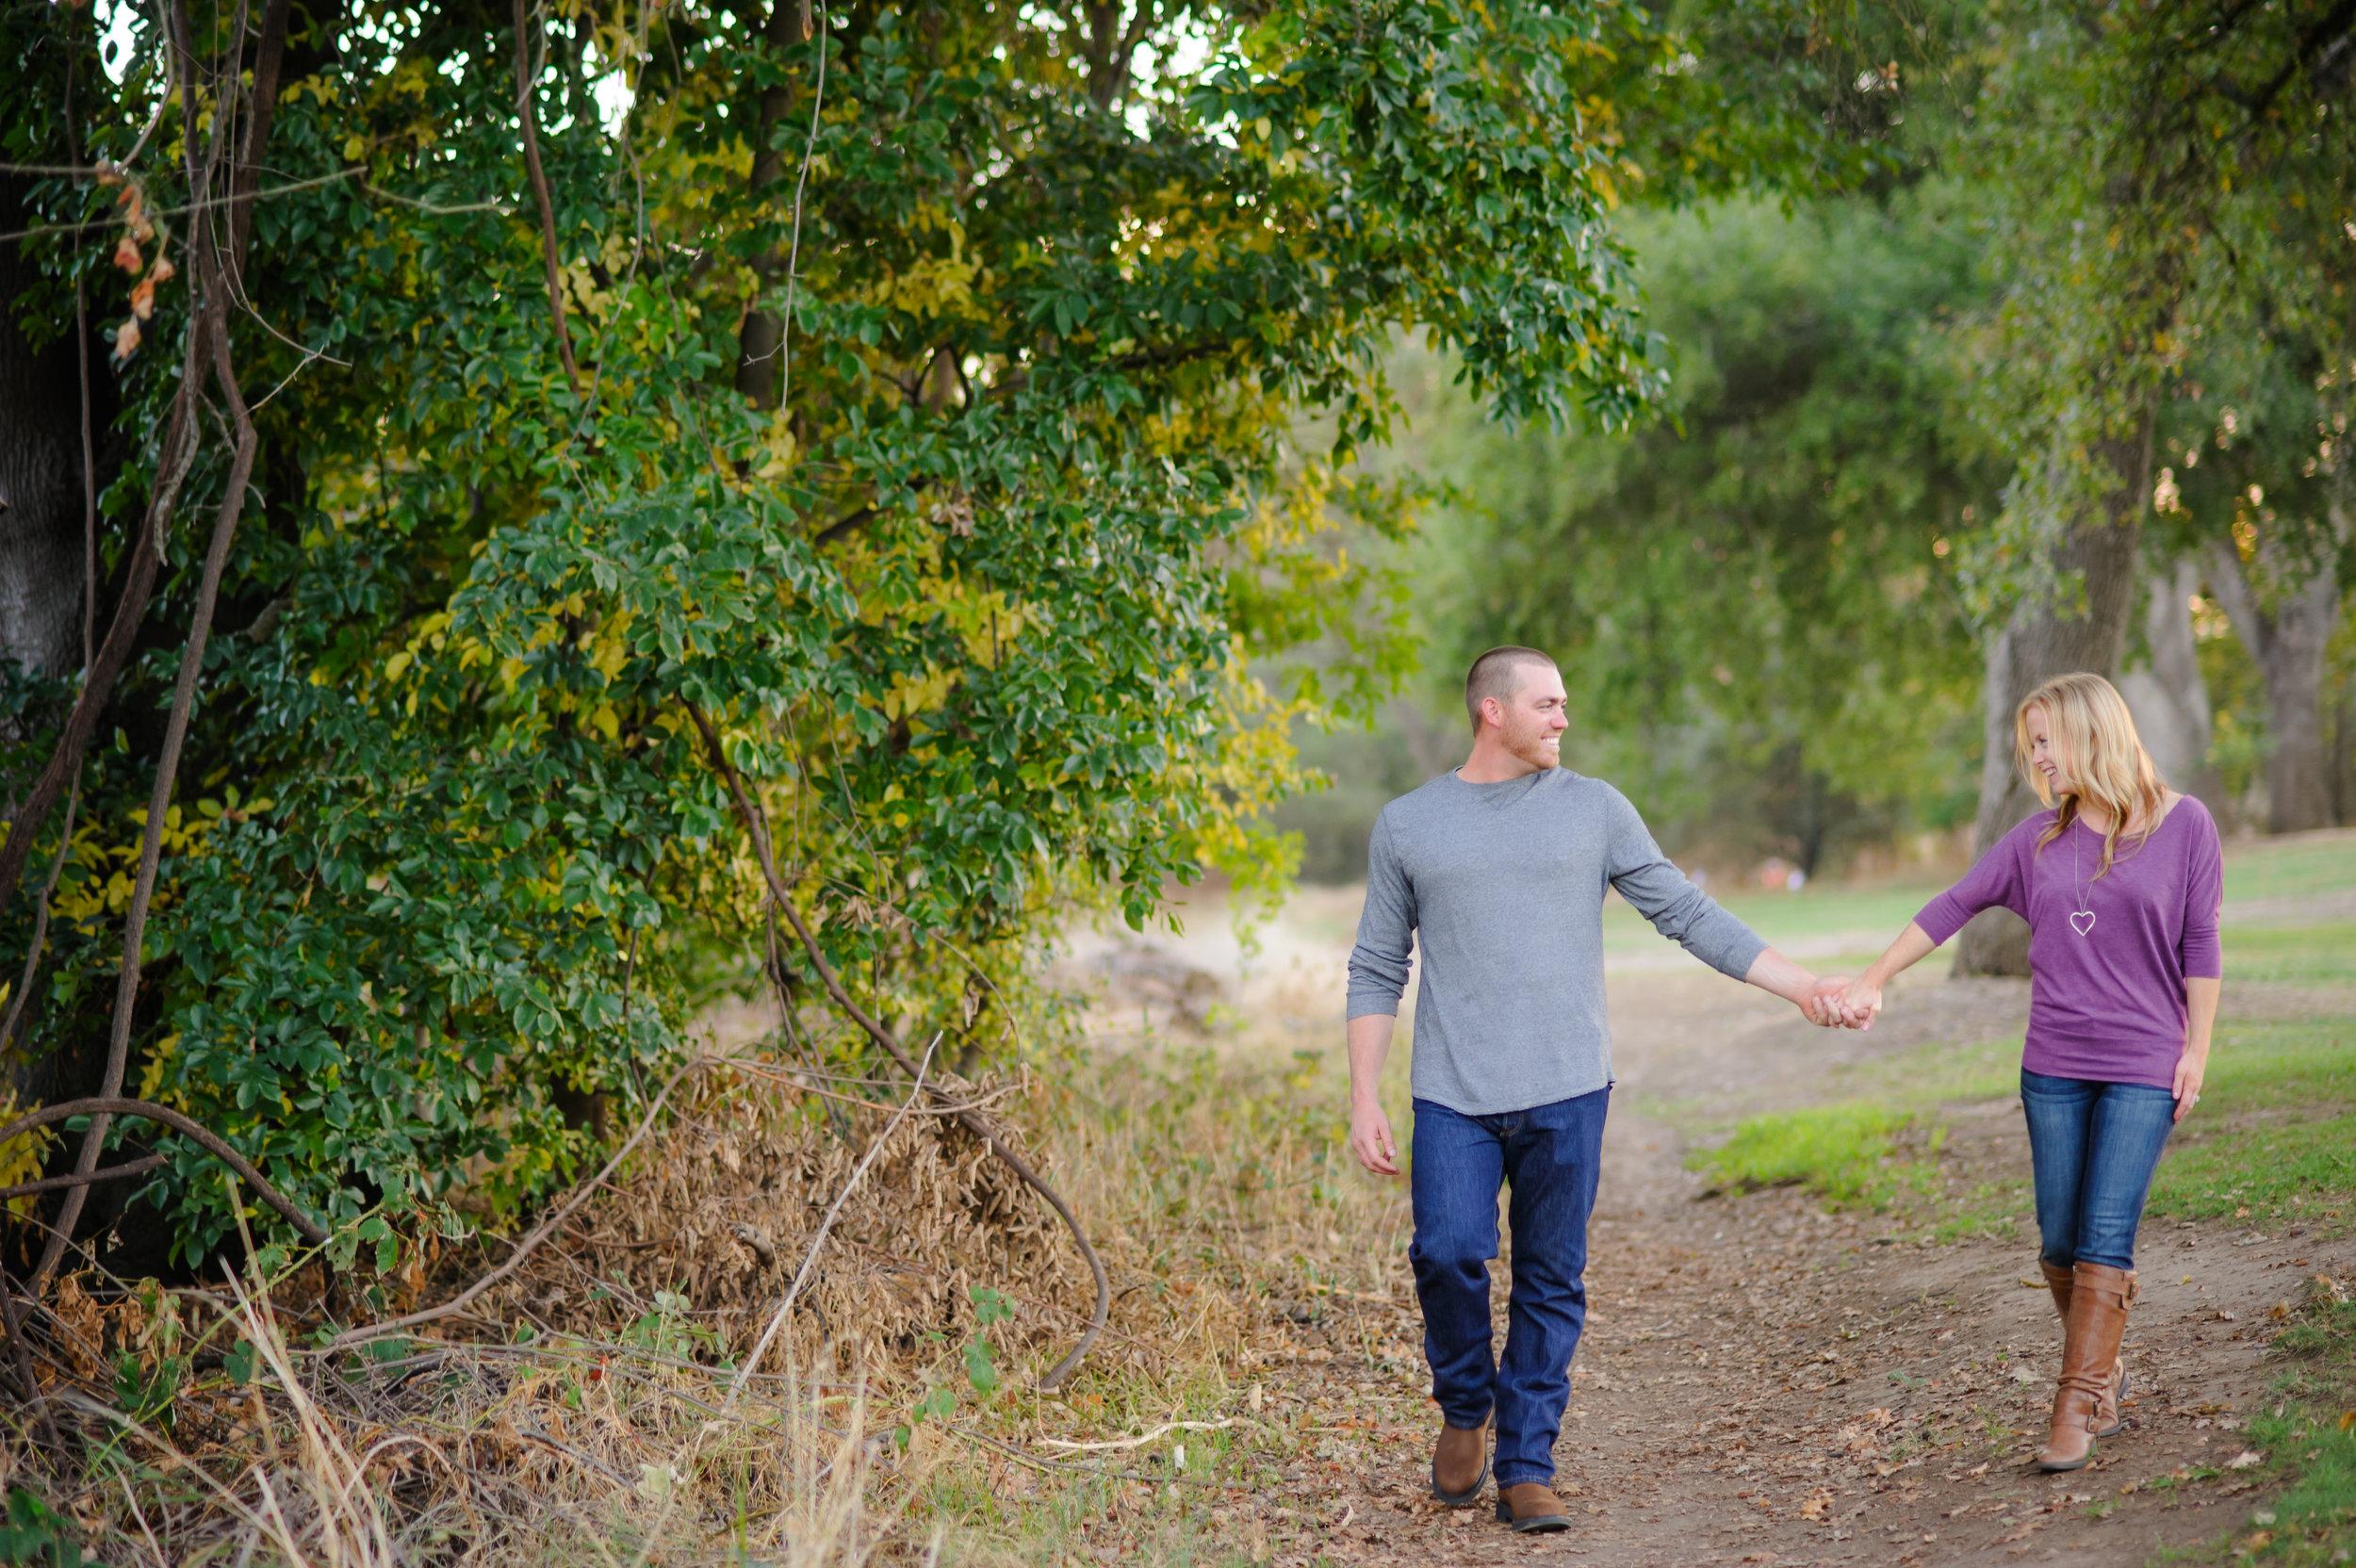 jenelle-brian-014-sacramento-engagement-wedding-photographer-katherine-nicole-photography.JPG